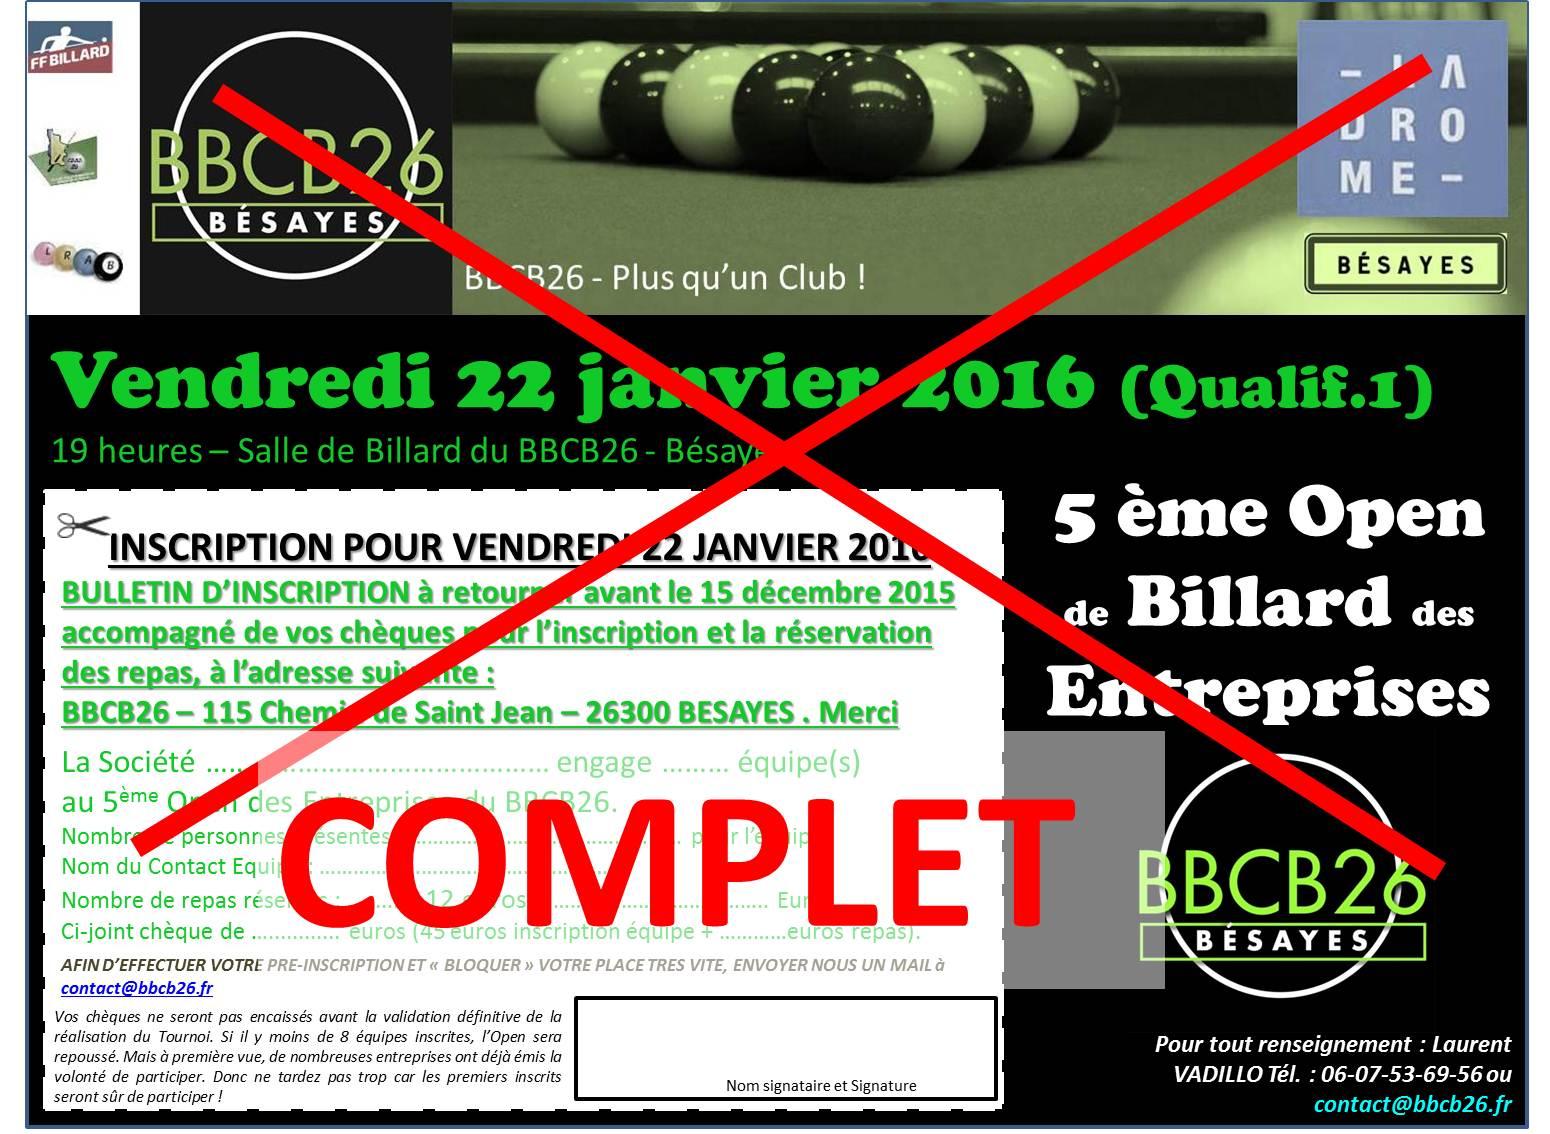 bulletin inscritpion 22-01-16 - COMPLET - Open de Billard des Entretprises BBCB26.jpg